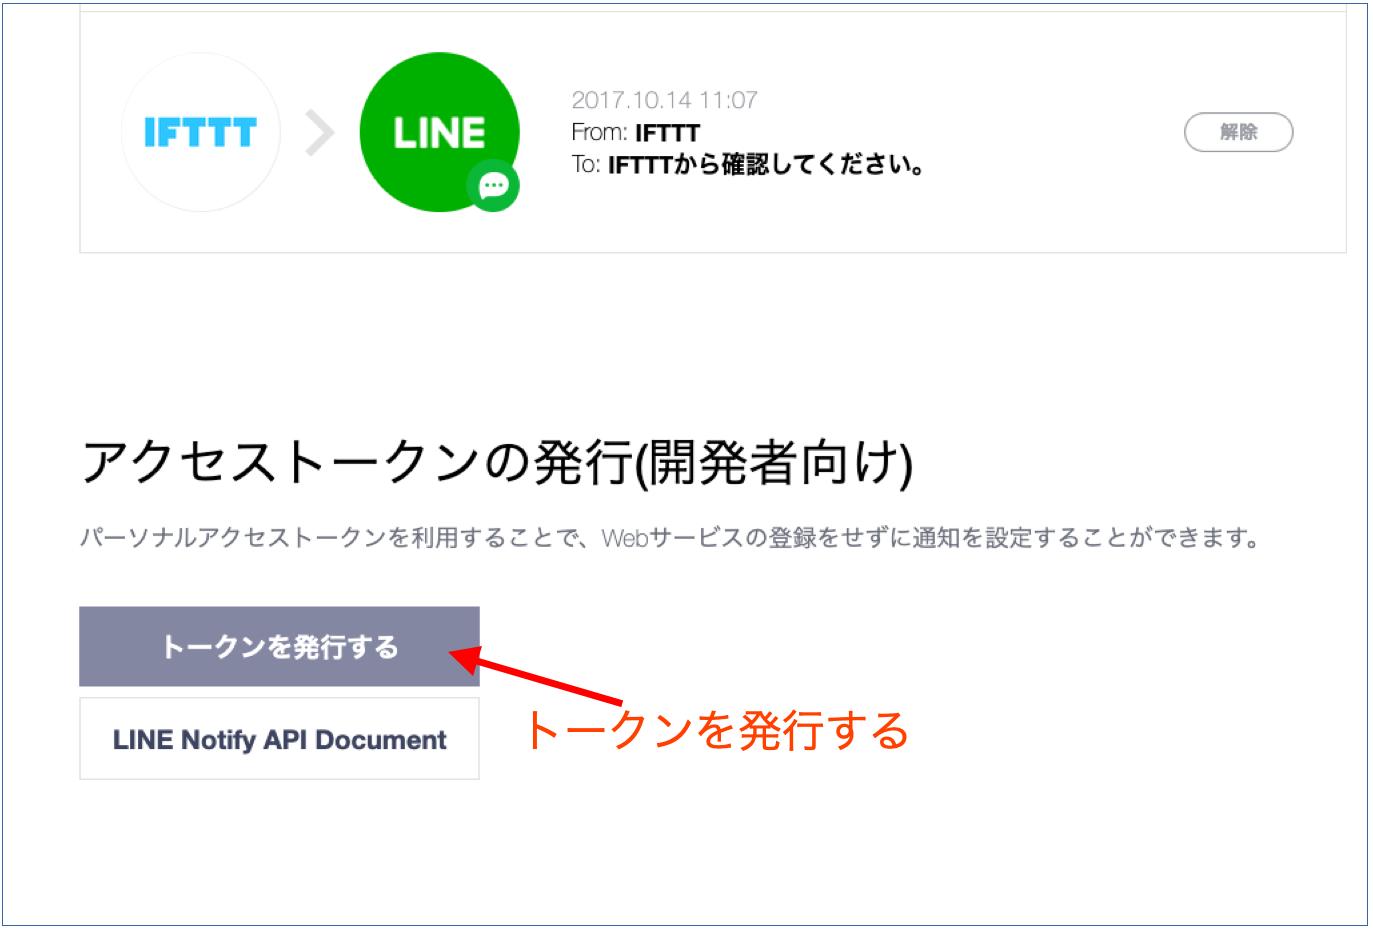 スクリーンショット 2021-08-23 16.57.32.png